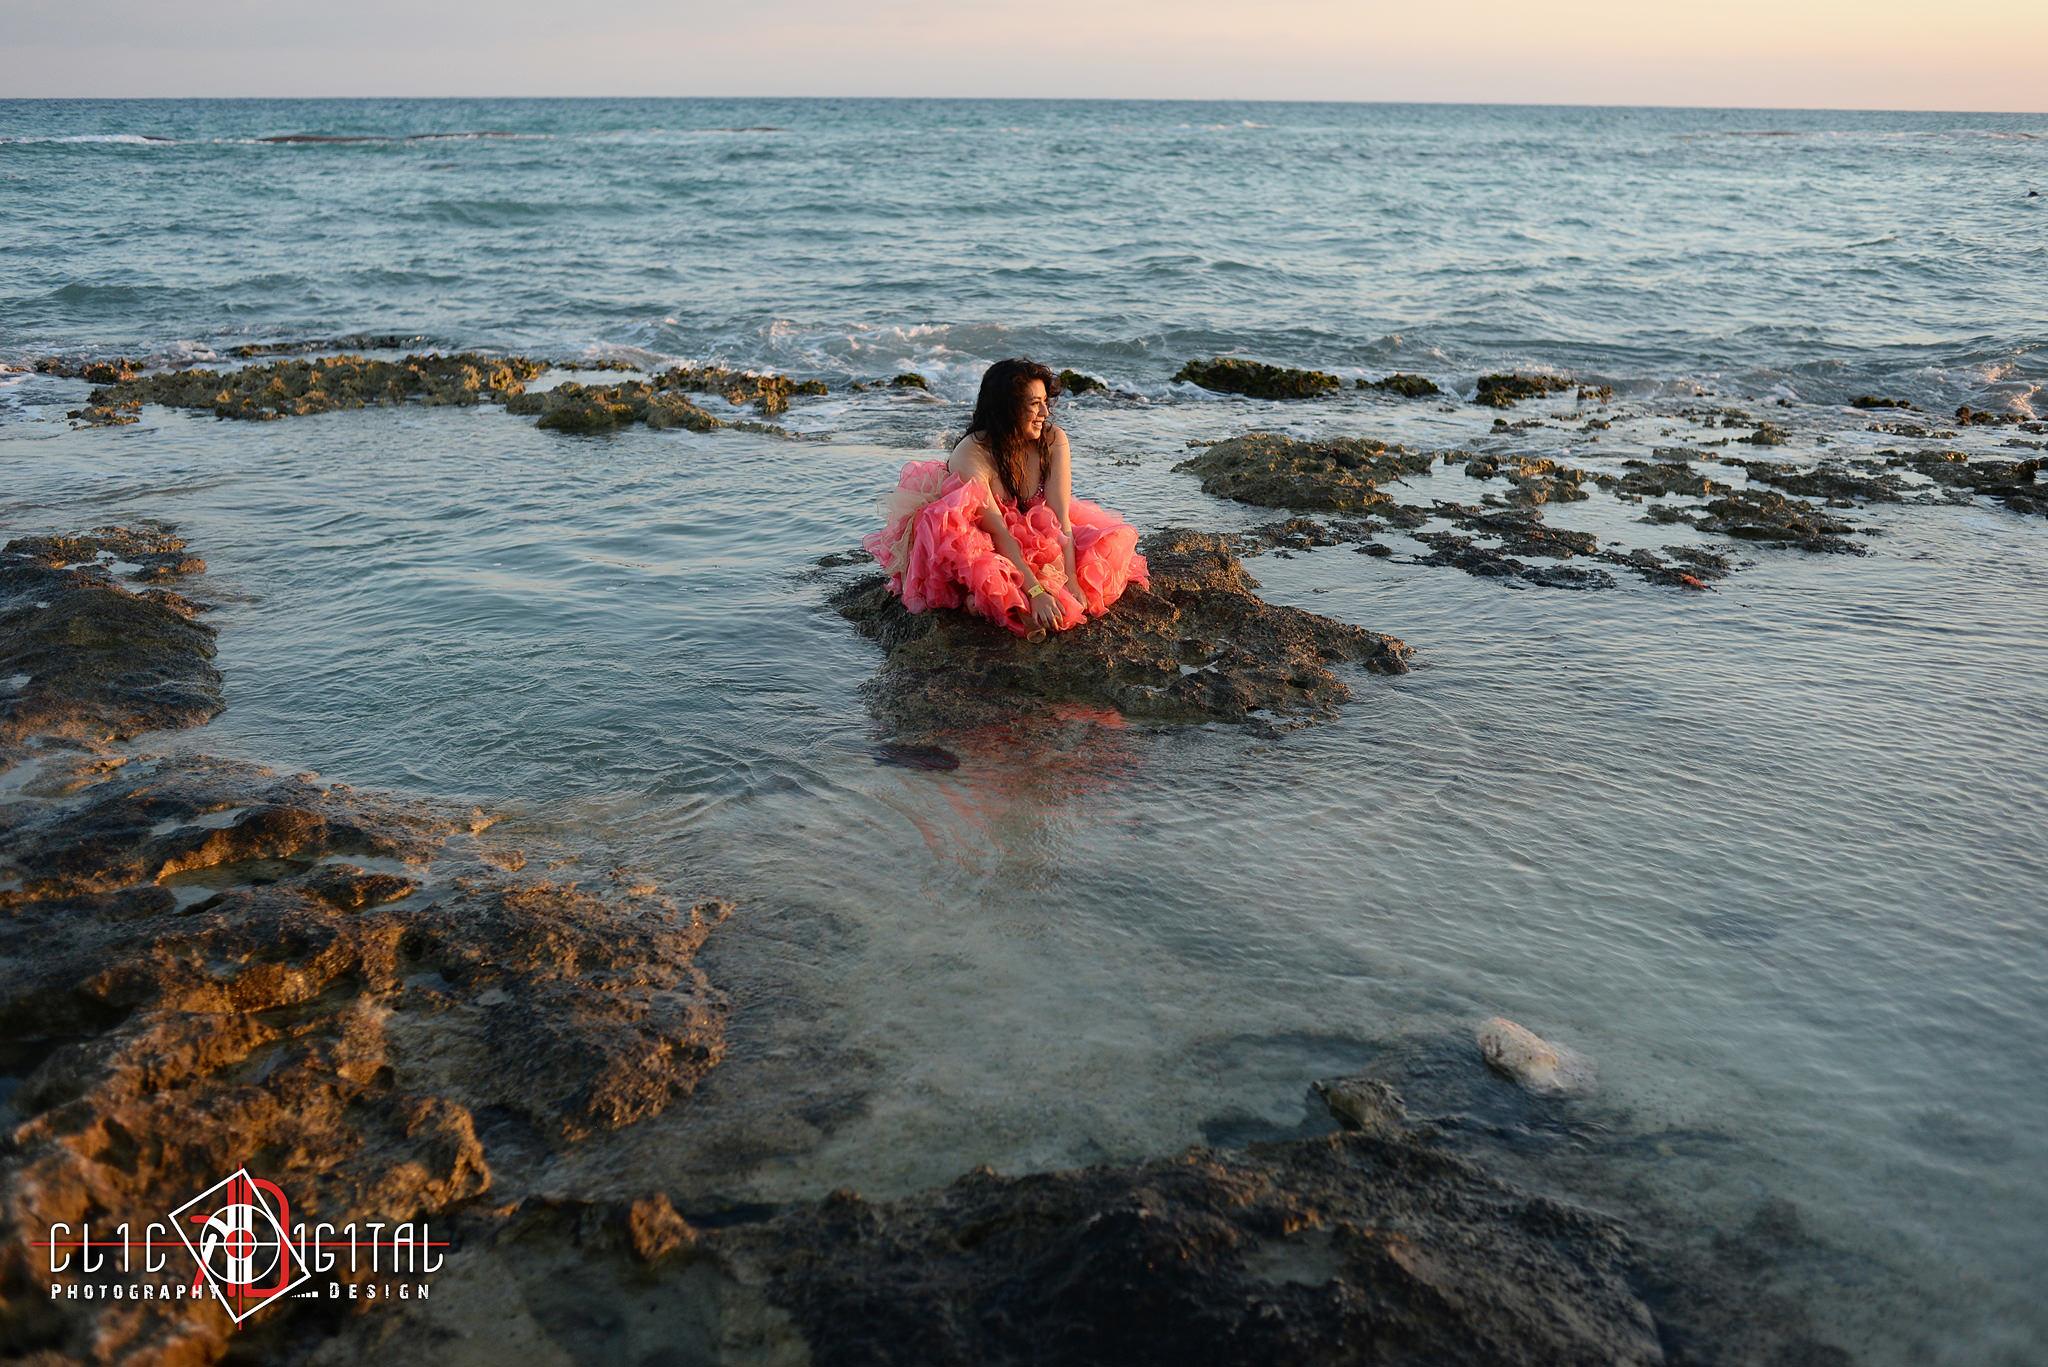 fotos_trash_Fati_cancun_213